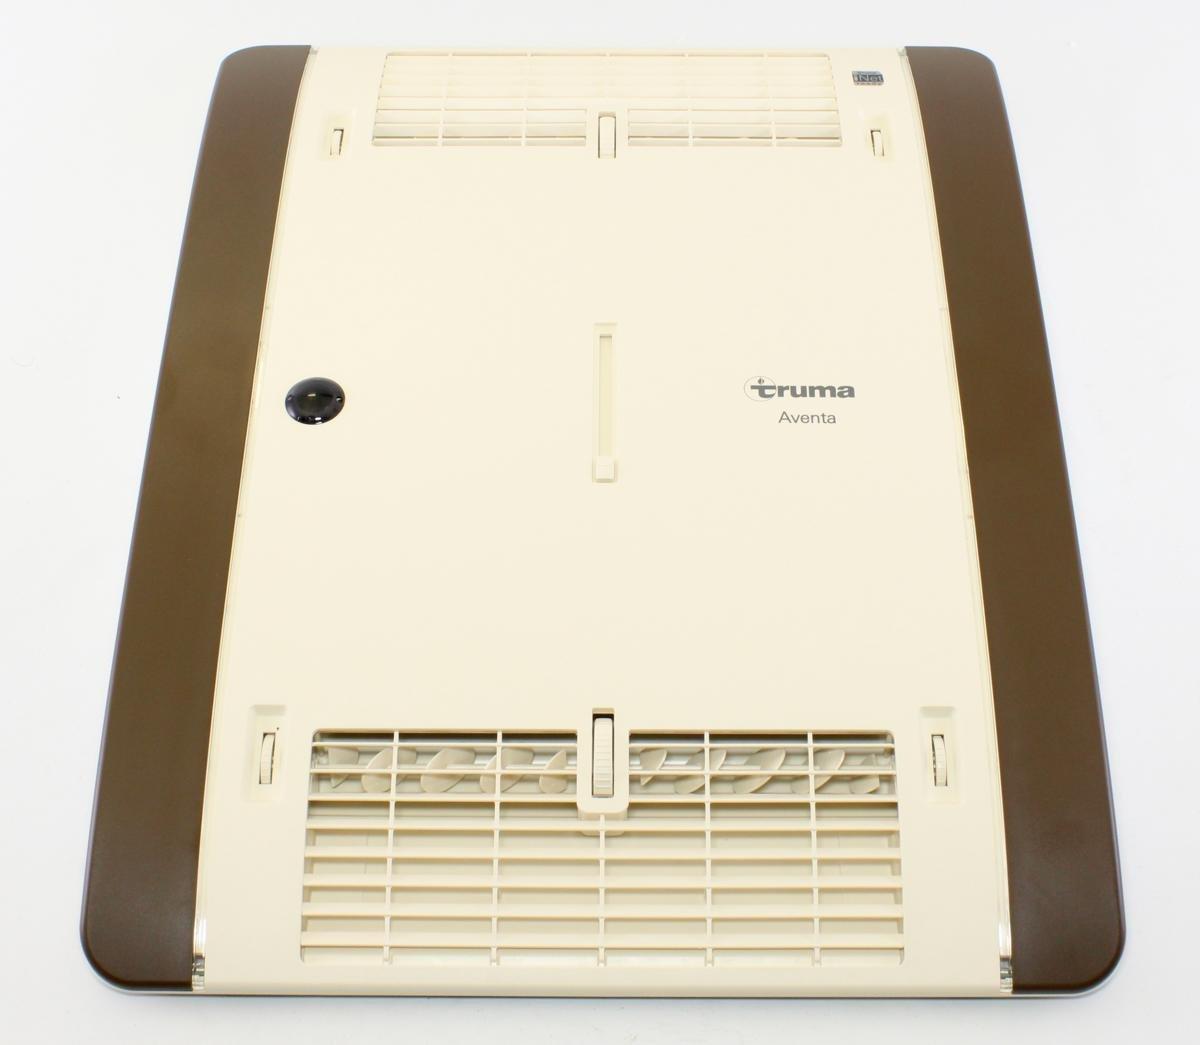 Truma Luftverteiler für Klimaanlage Aventa Creme